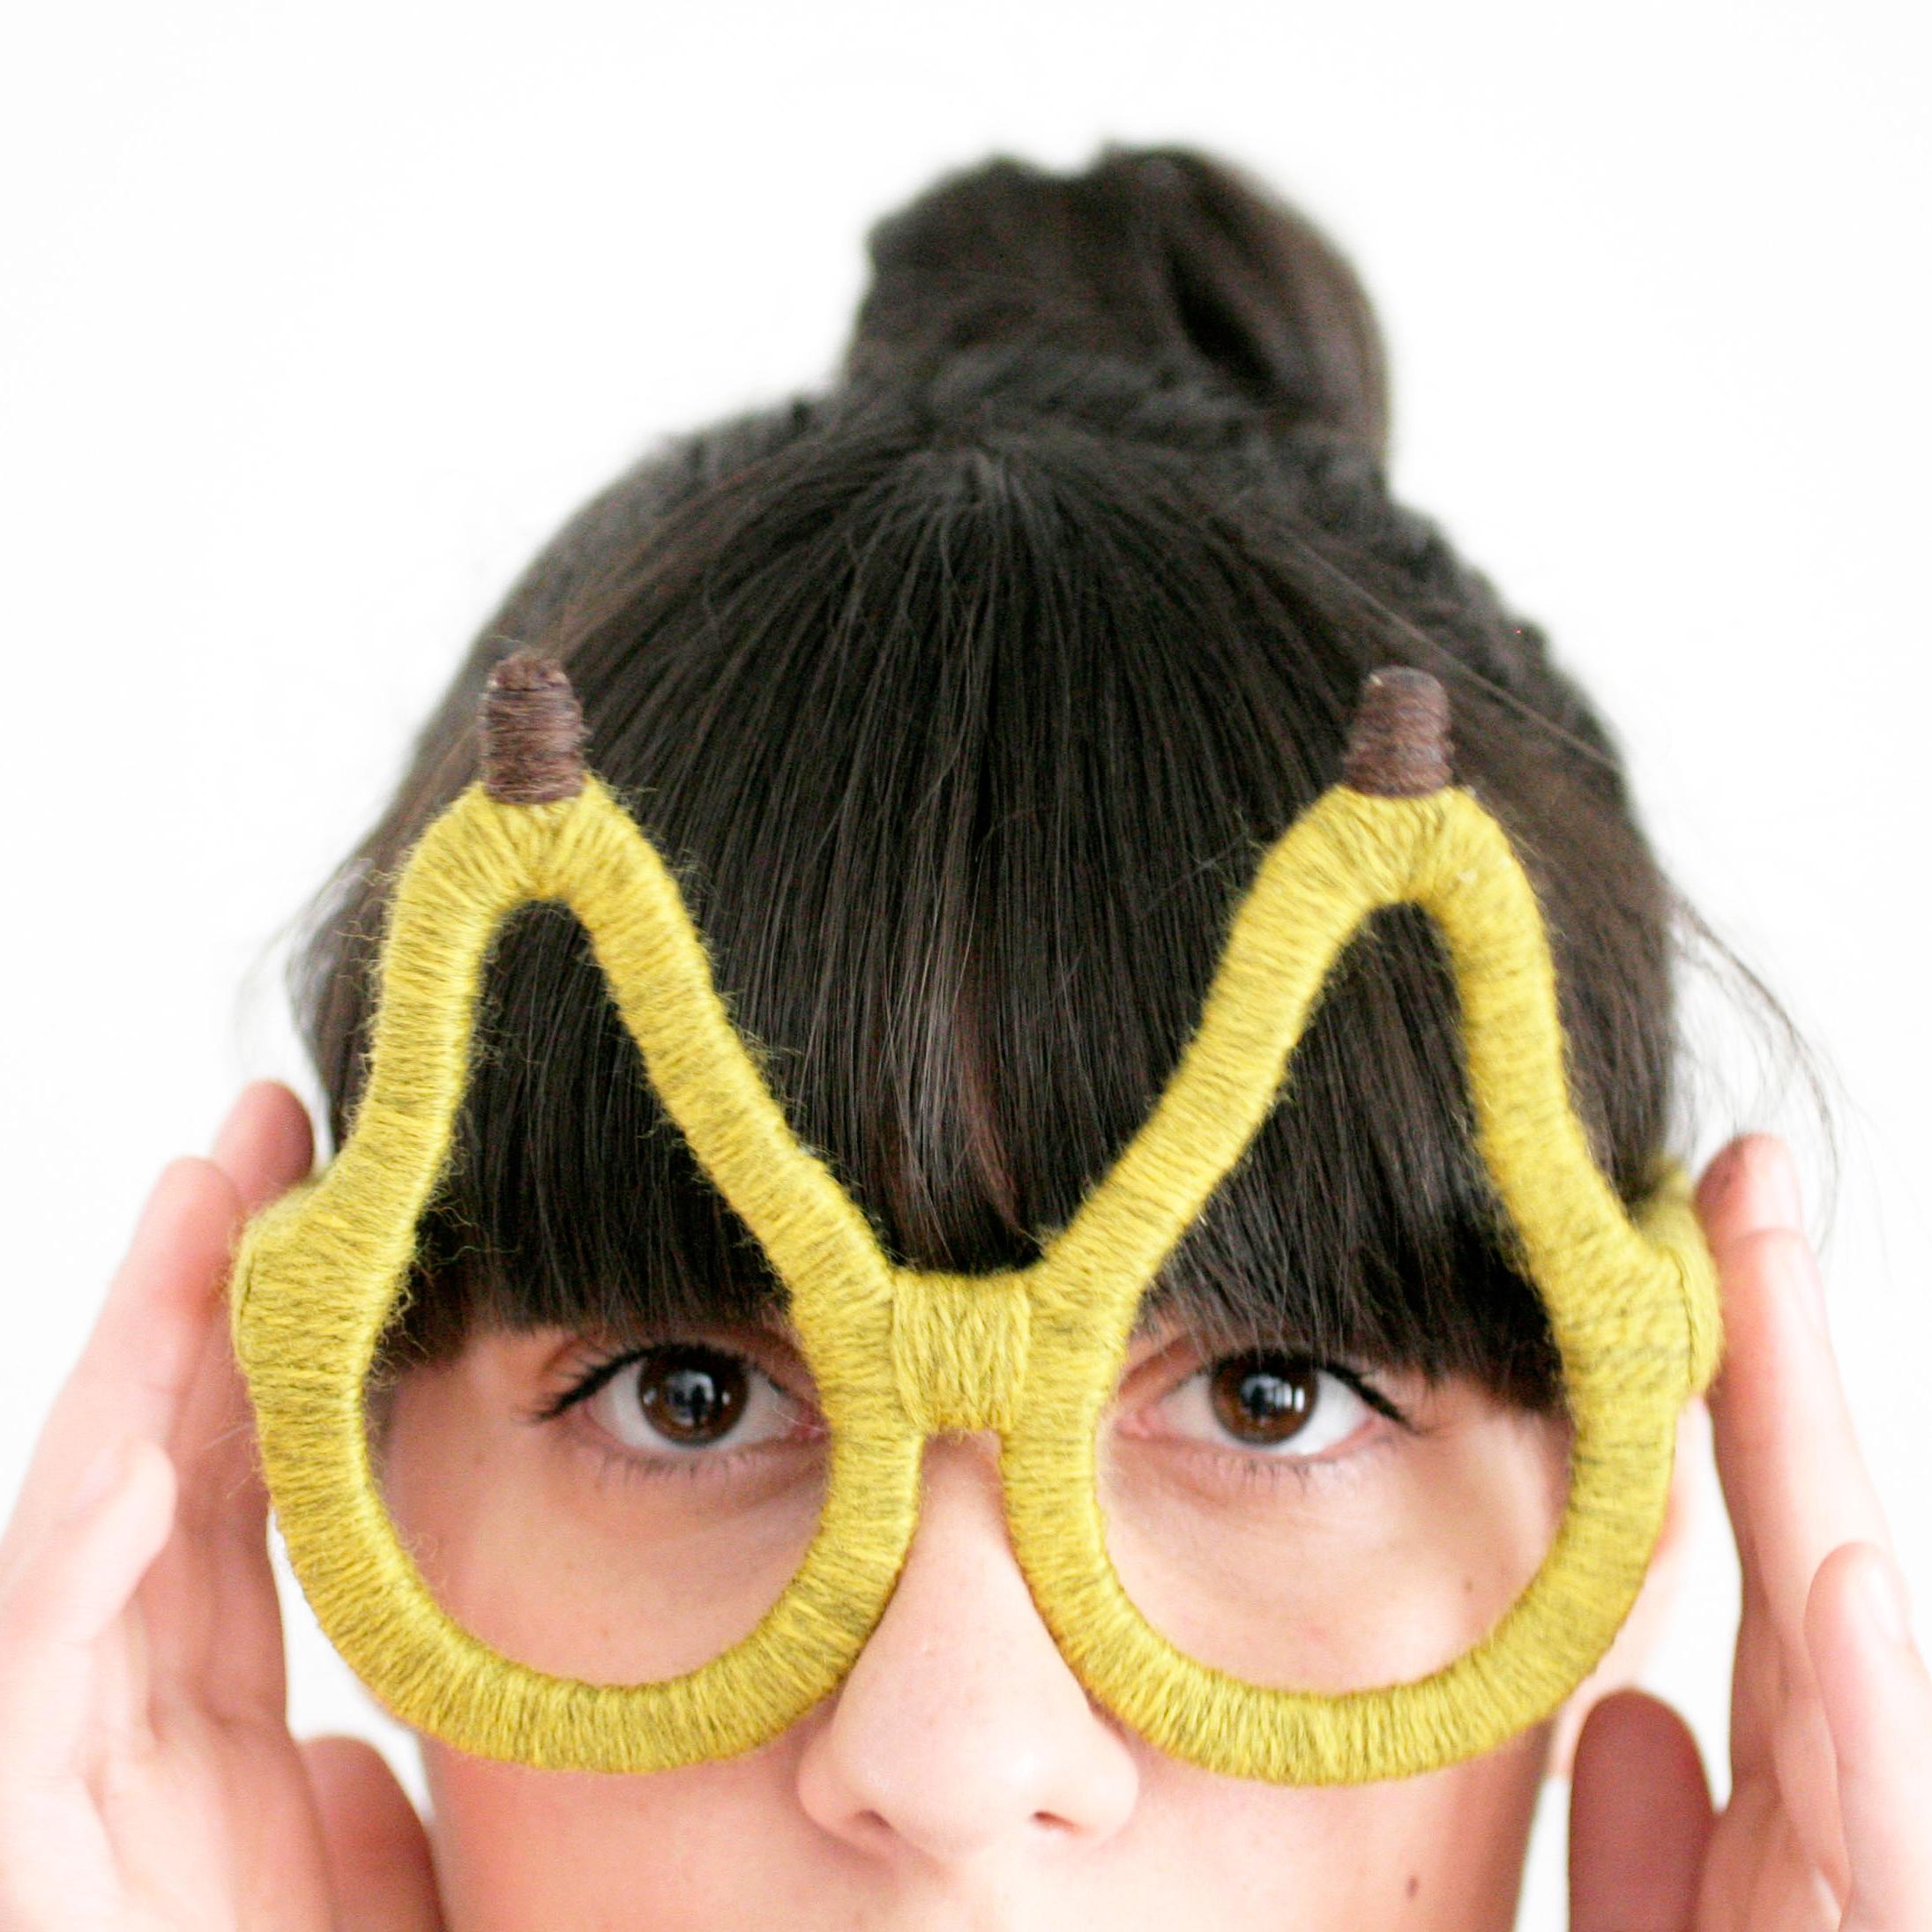 pollaz_occhiali